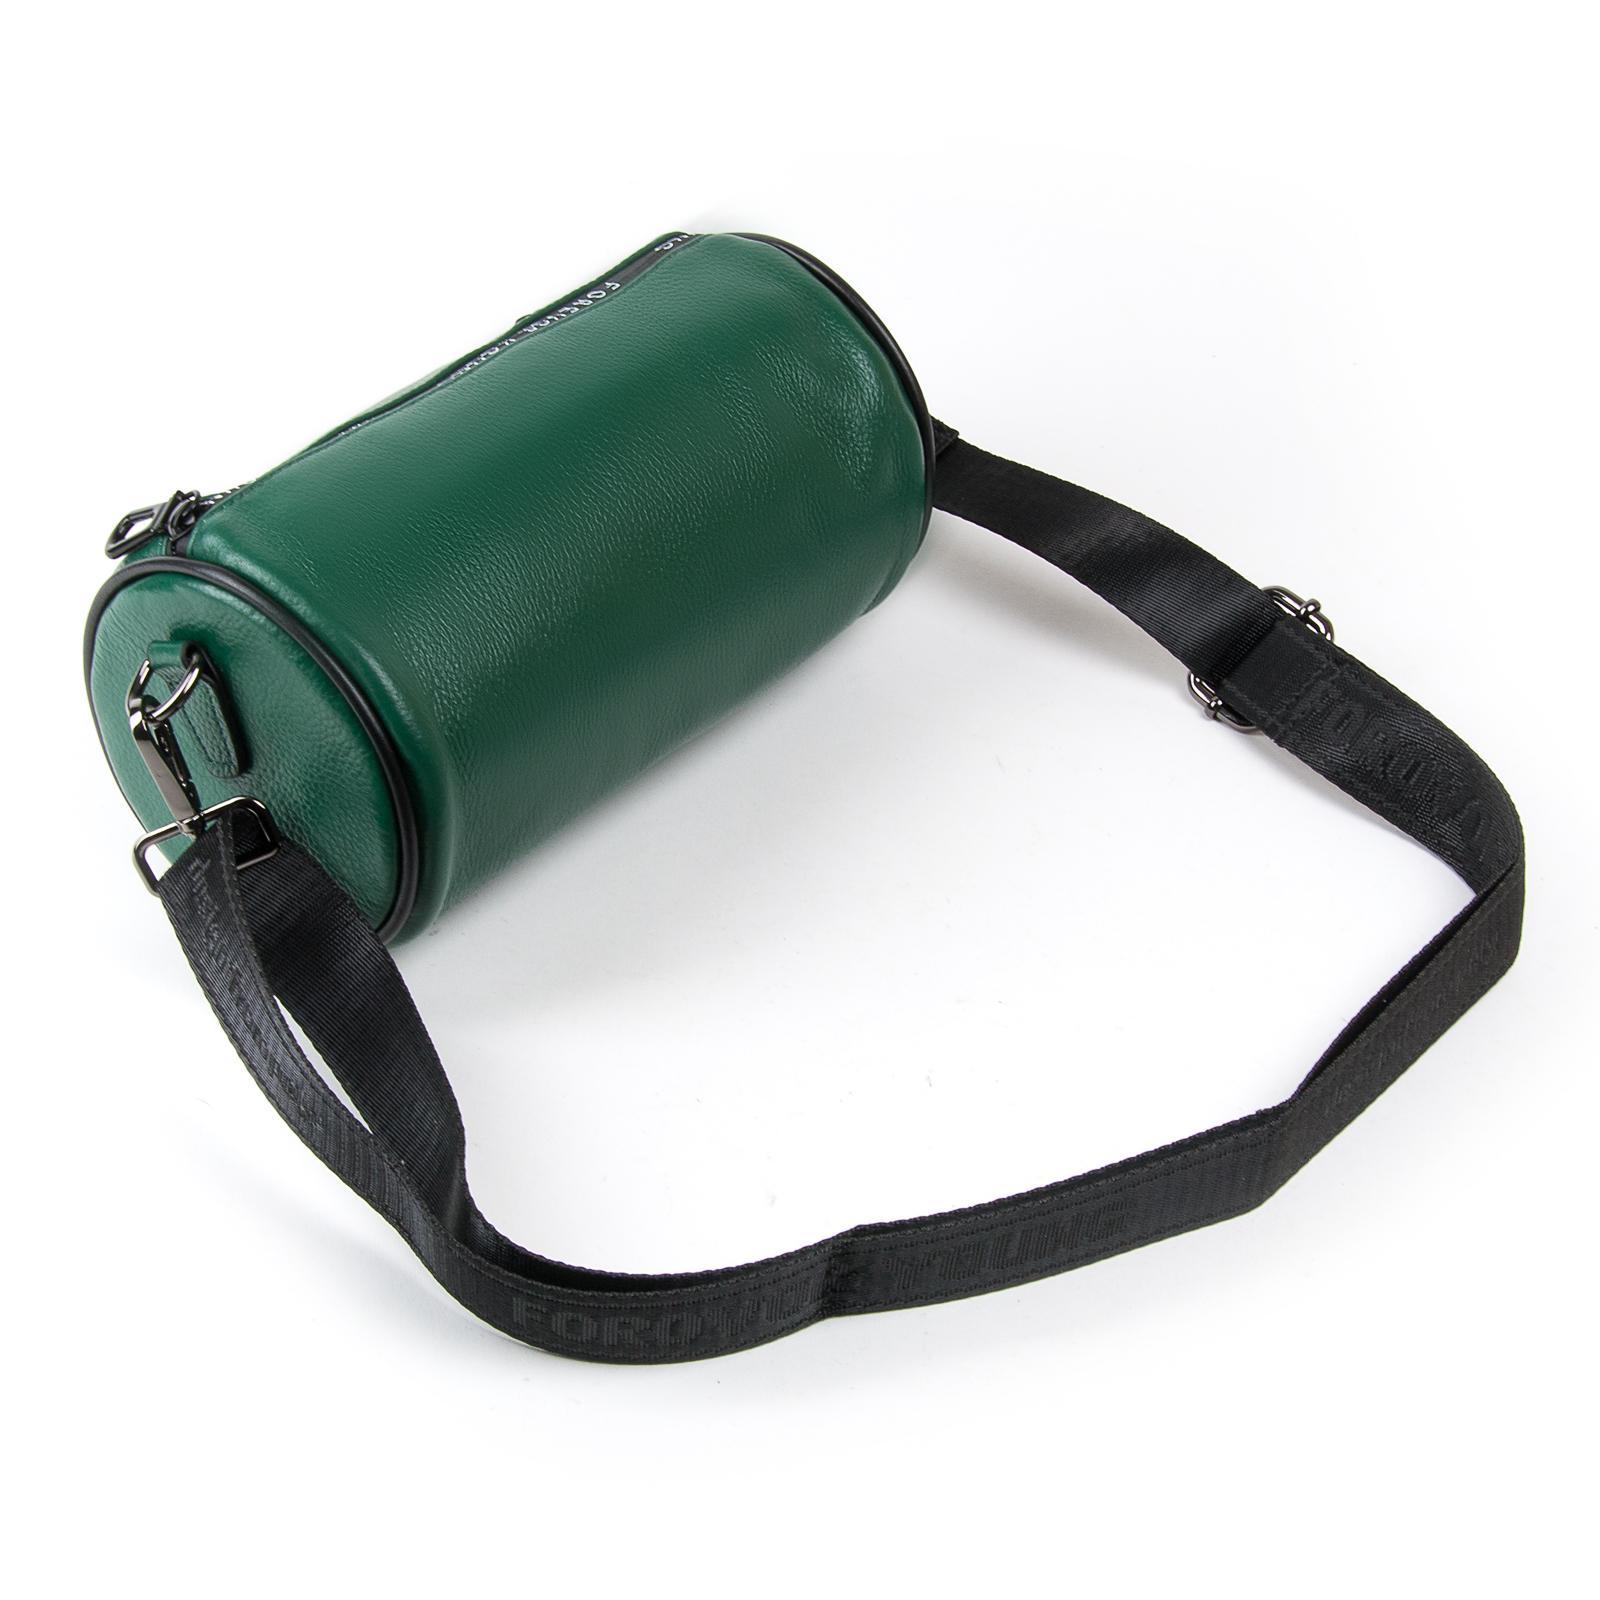 Сумка Женская Клатч кожа ALEX RAI 1-02 39030-12 green - фото 3